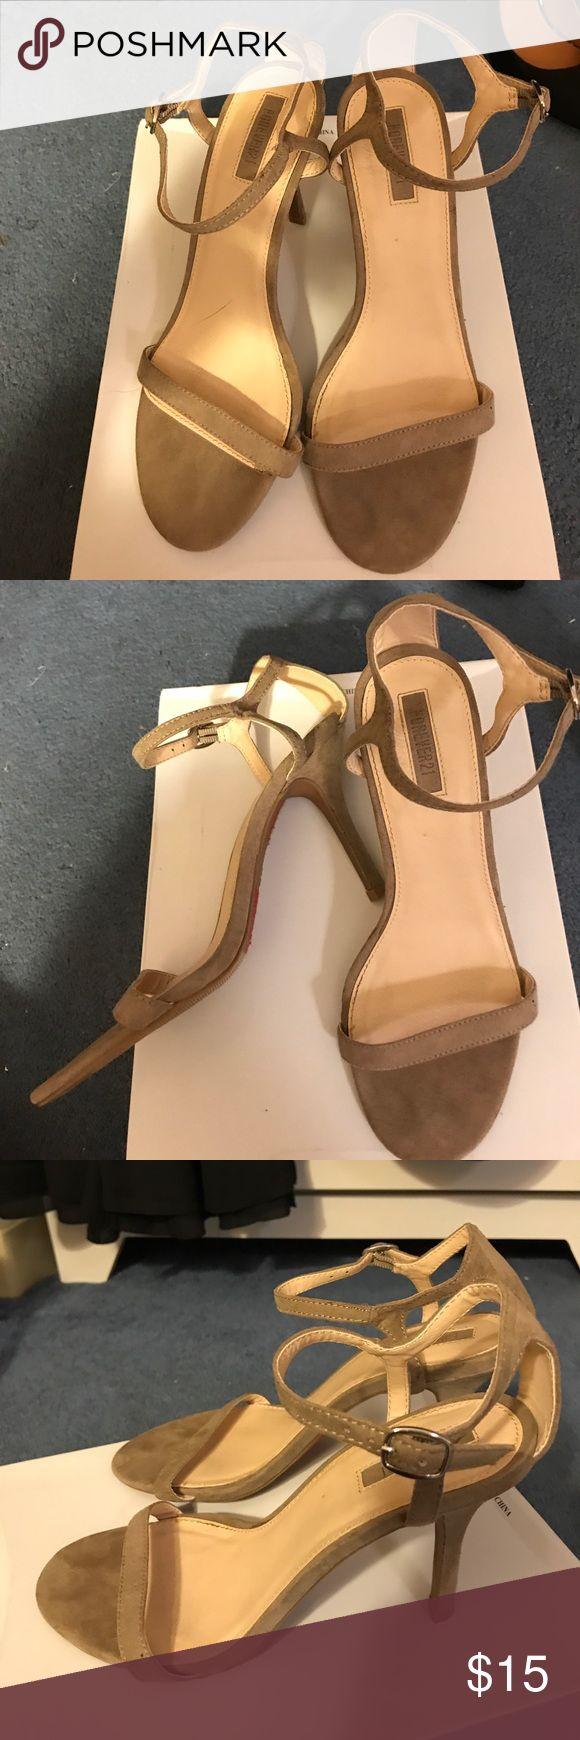 Tan/grey strappy heel Comfy heels Shoes Heels